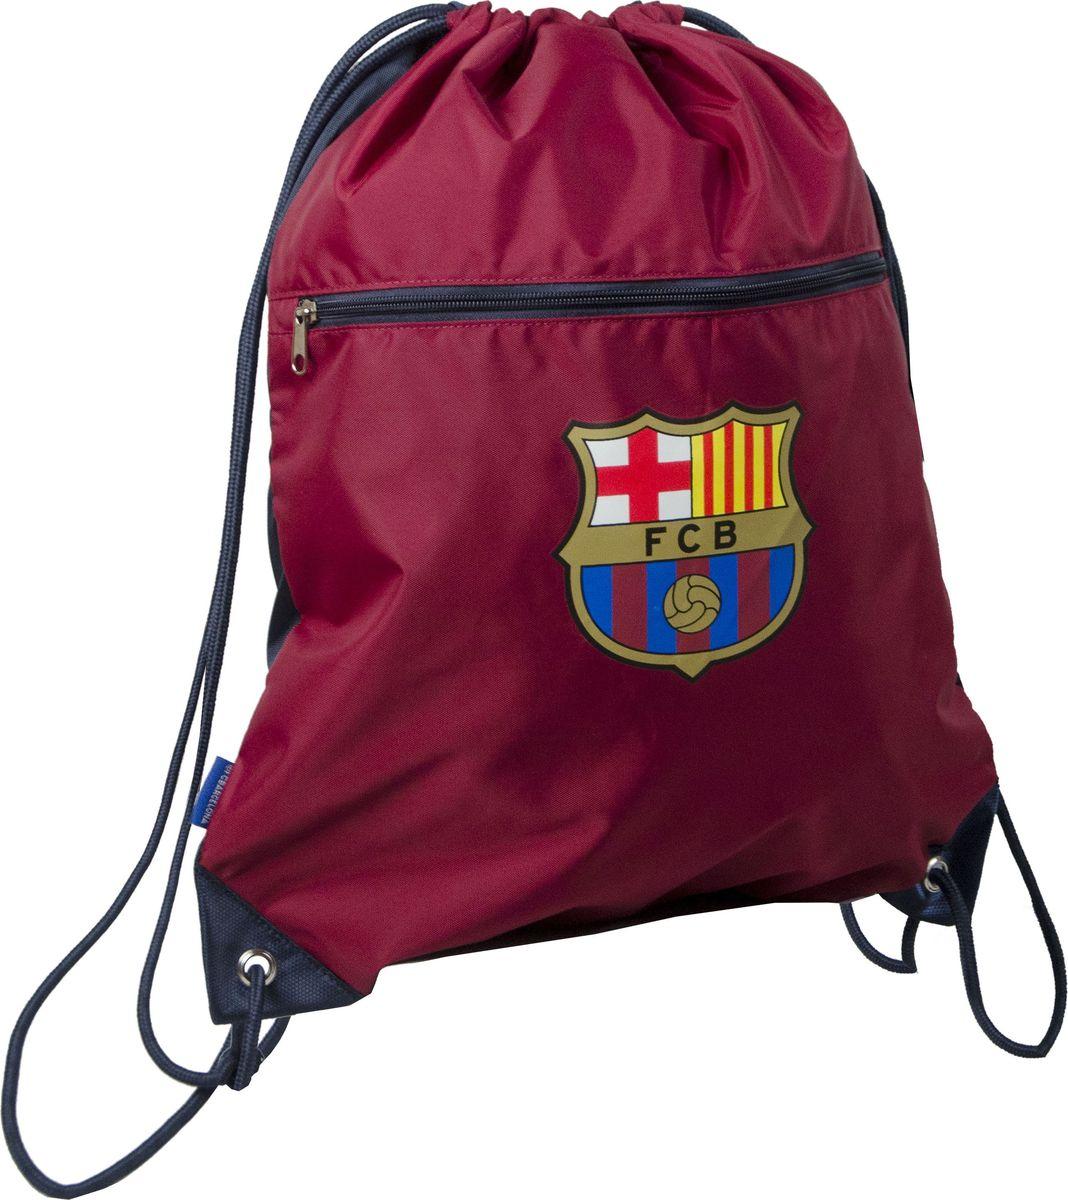 Мешок универсальный Atributika & Club Barcelona, цвет: бордовый, 20 л. 1892518925Мешок Atributika & Club выполнен из 100% полиэстера. Он выполняет функции рюкзака, благодаря плечевым лямкам, которые надежно фиксируют изделие у его верхнего основания. Мешок с вышитым логотипом клуба отлично подойдет для сменной обуви или для прочих аксессуаров. Мешок имеет 2 отделения, одно из которых закрывается на молнию.